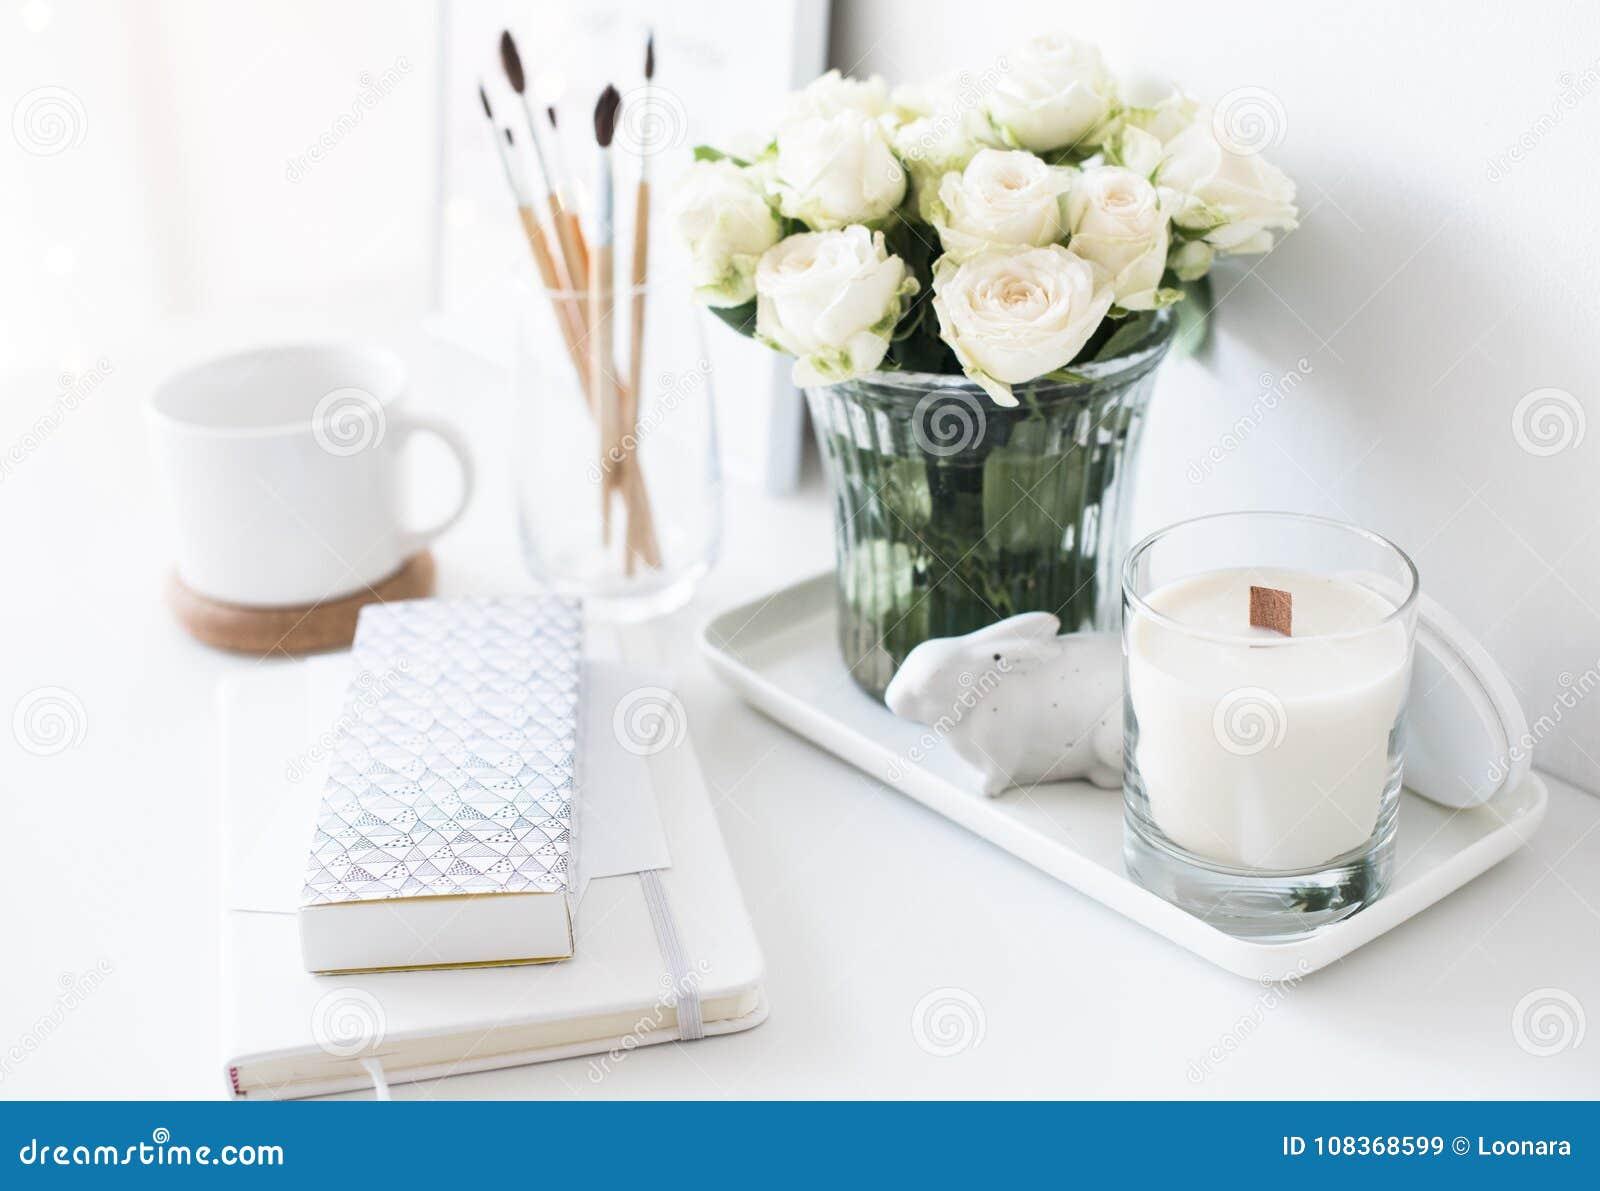 Άσπρο εσωτερικό ντεκόρ με το νέες χειροποίητες κερί και την ανθοδέσμη FR